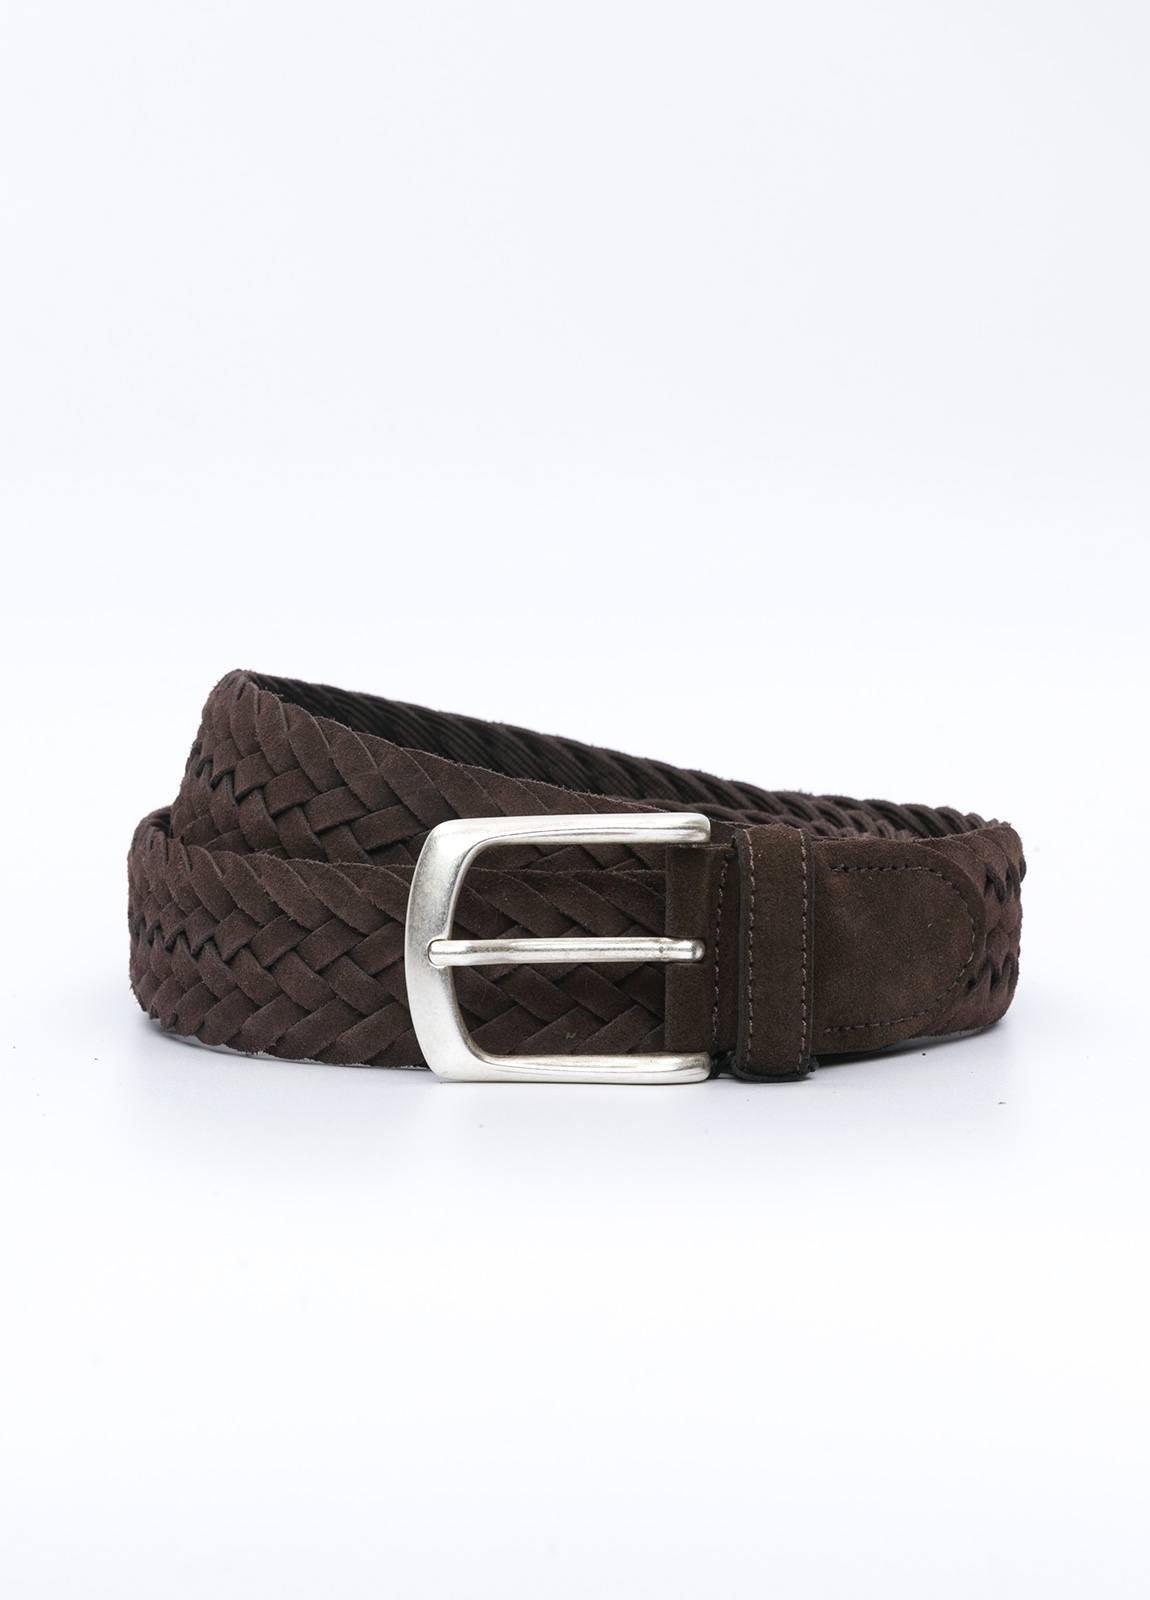 Cinturón sport piel trenzada color marrón. 100% Piel serraje.